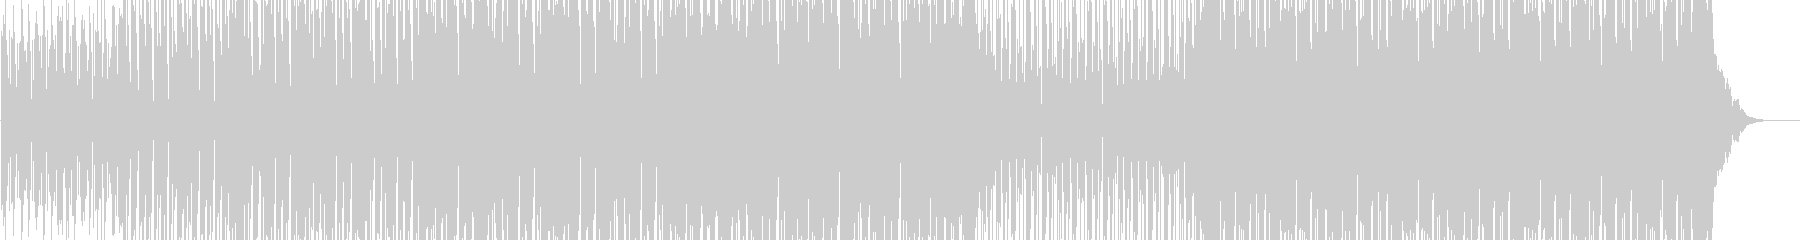 近未来感あるテクノ2の未再生の波形